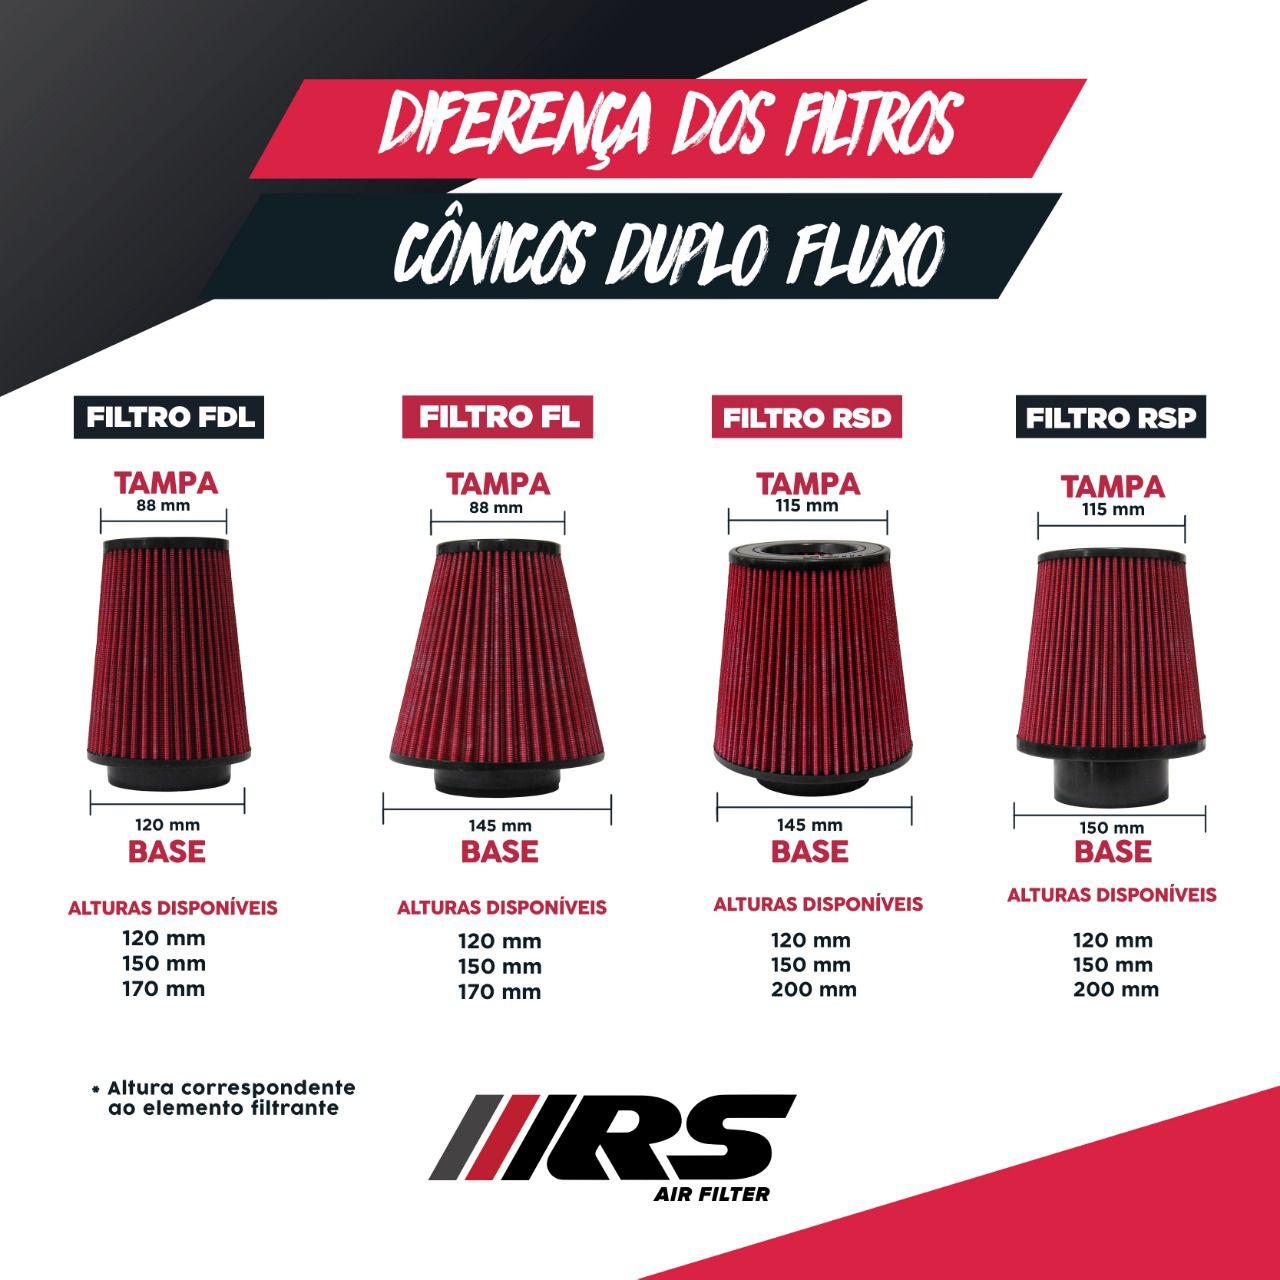 Filtro De Ar Esportivo Cônico Duplo Fluxo Altura 200MM Linha RSP - ULTRA REFORÇADO